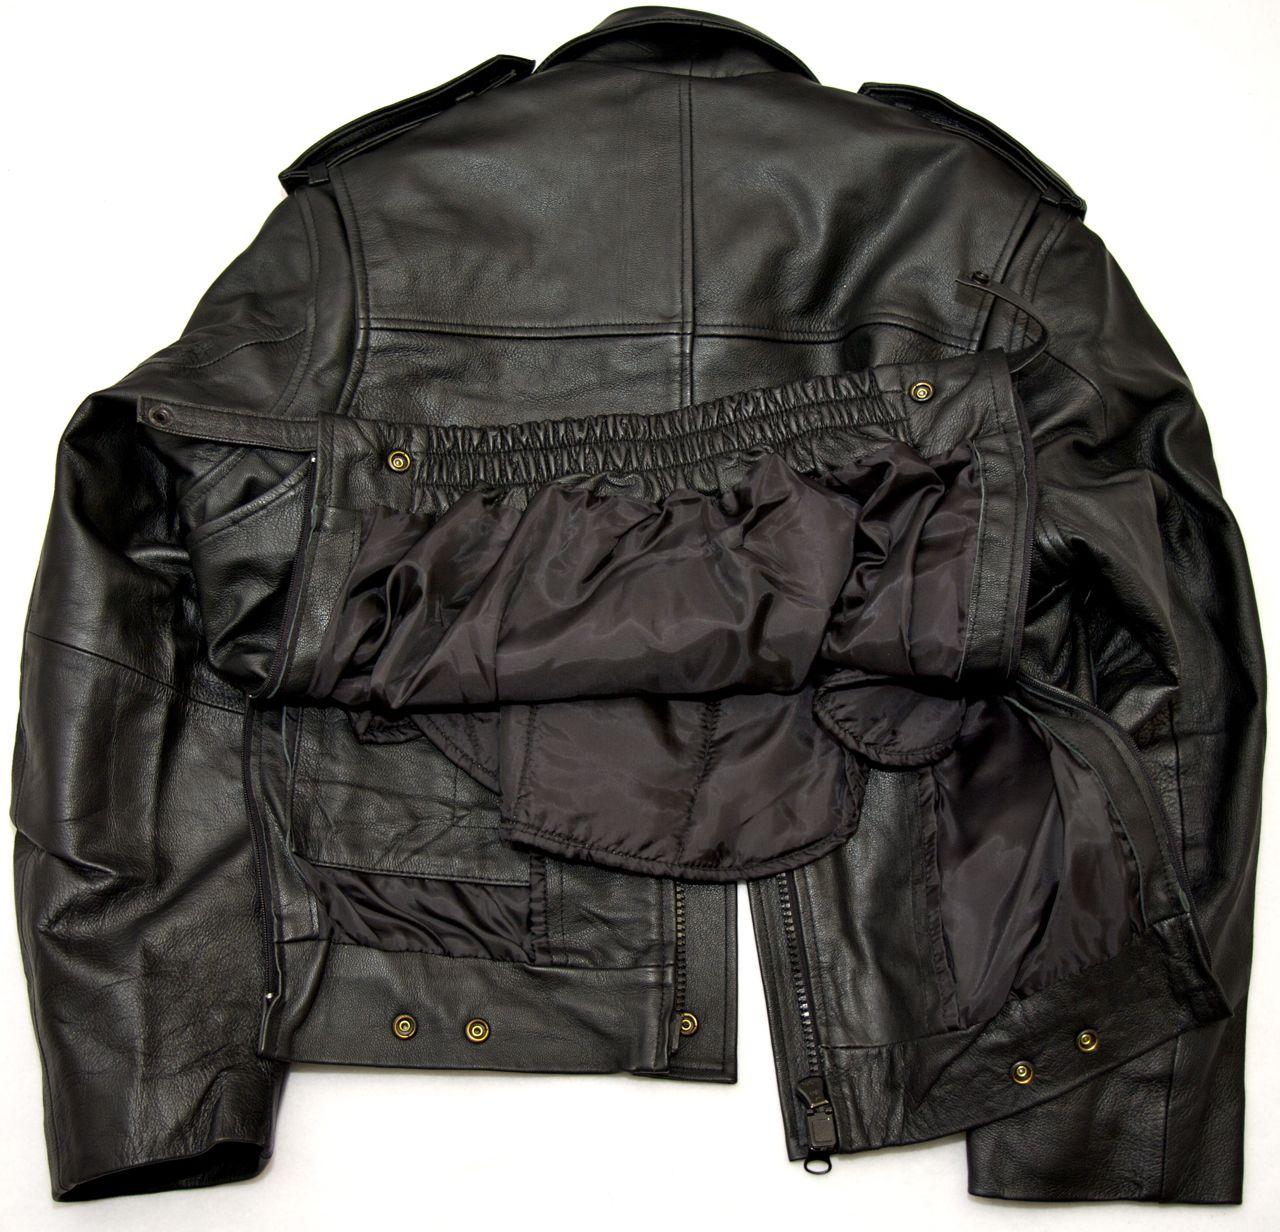 Купить Кожаную Куртку Полиции Сша